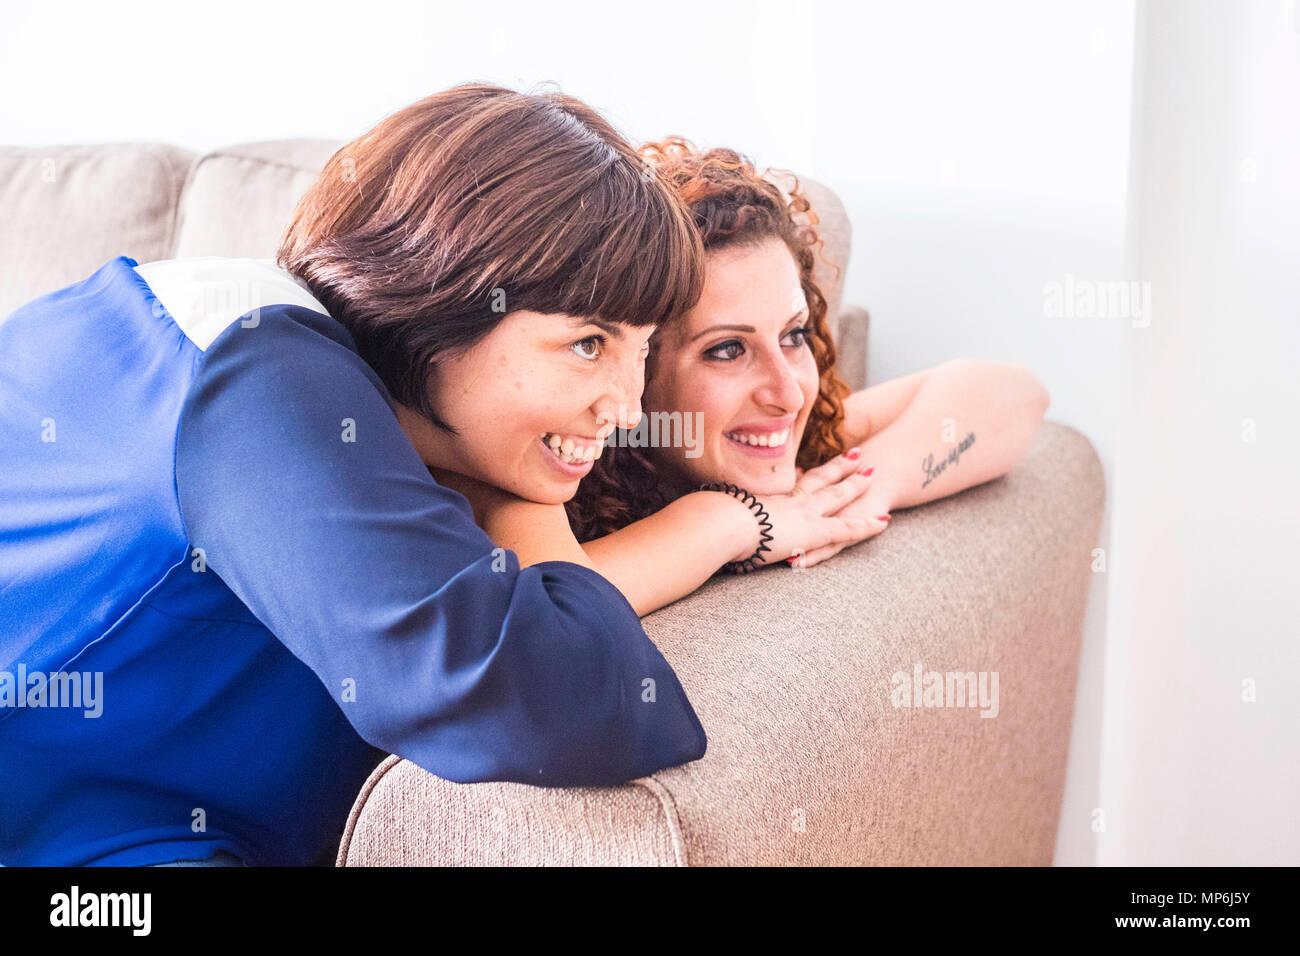 Giovane od due donne amici soggiornare vicino insieme sul divano sorridente e divertirsi. amicizia o rapporto a casa interna con bel modo di stile di vita Immagini Stock